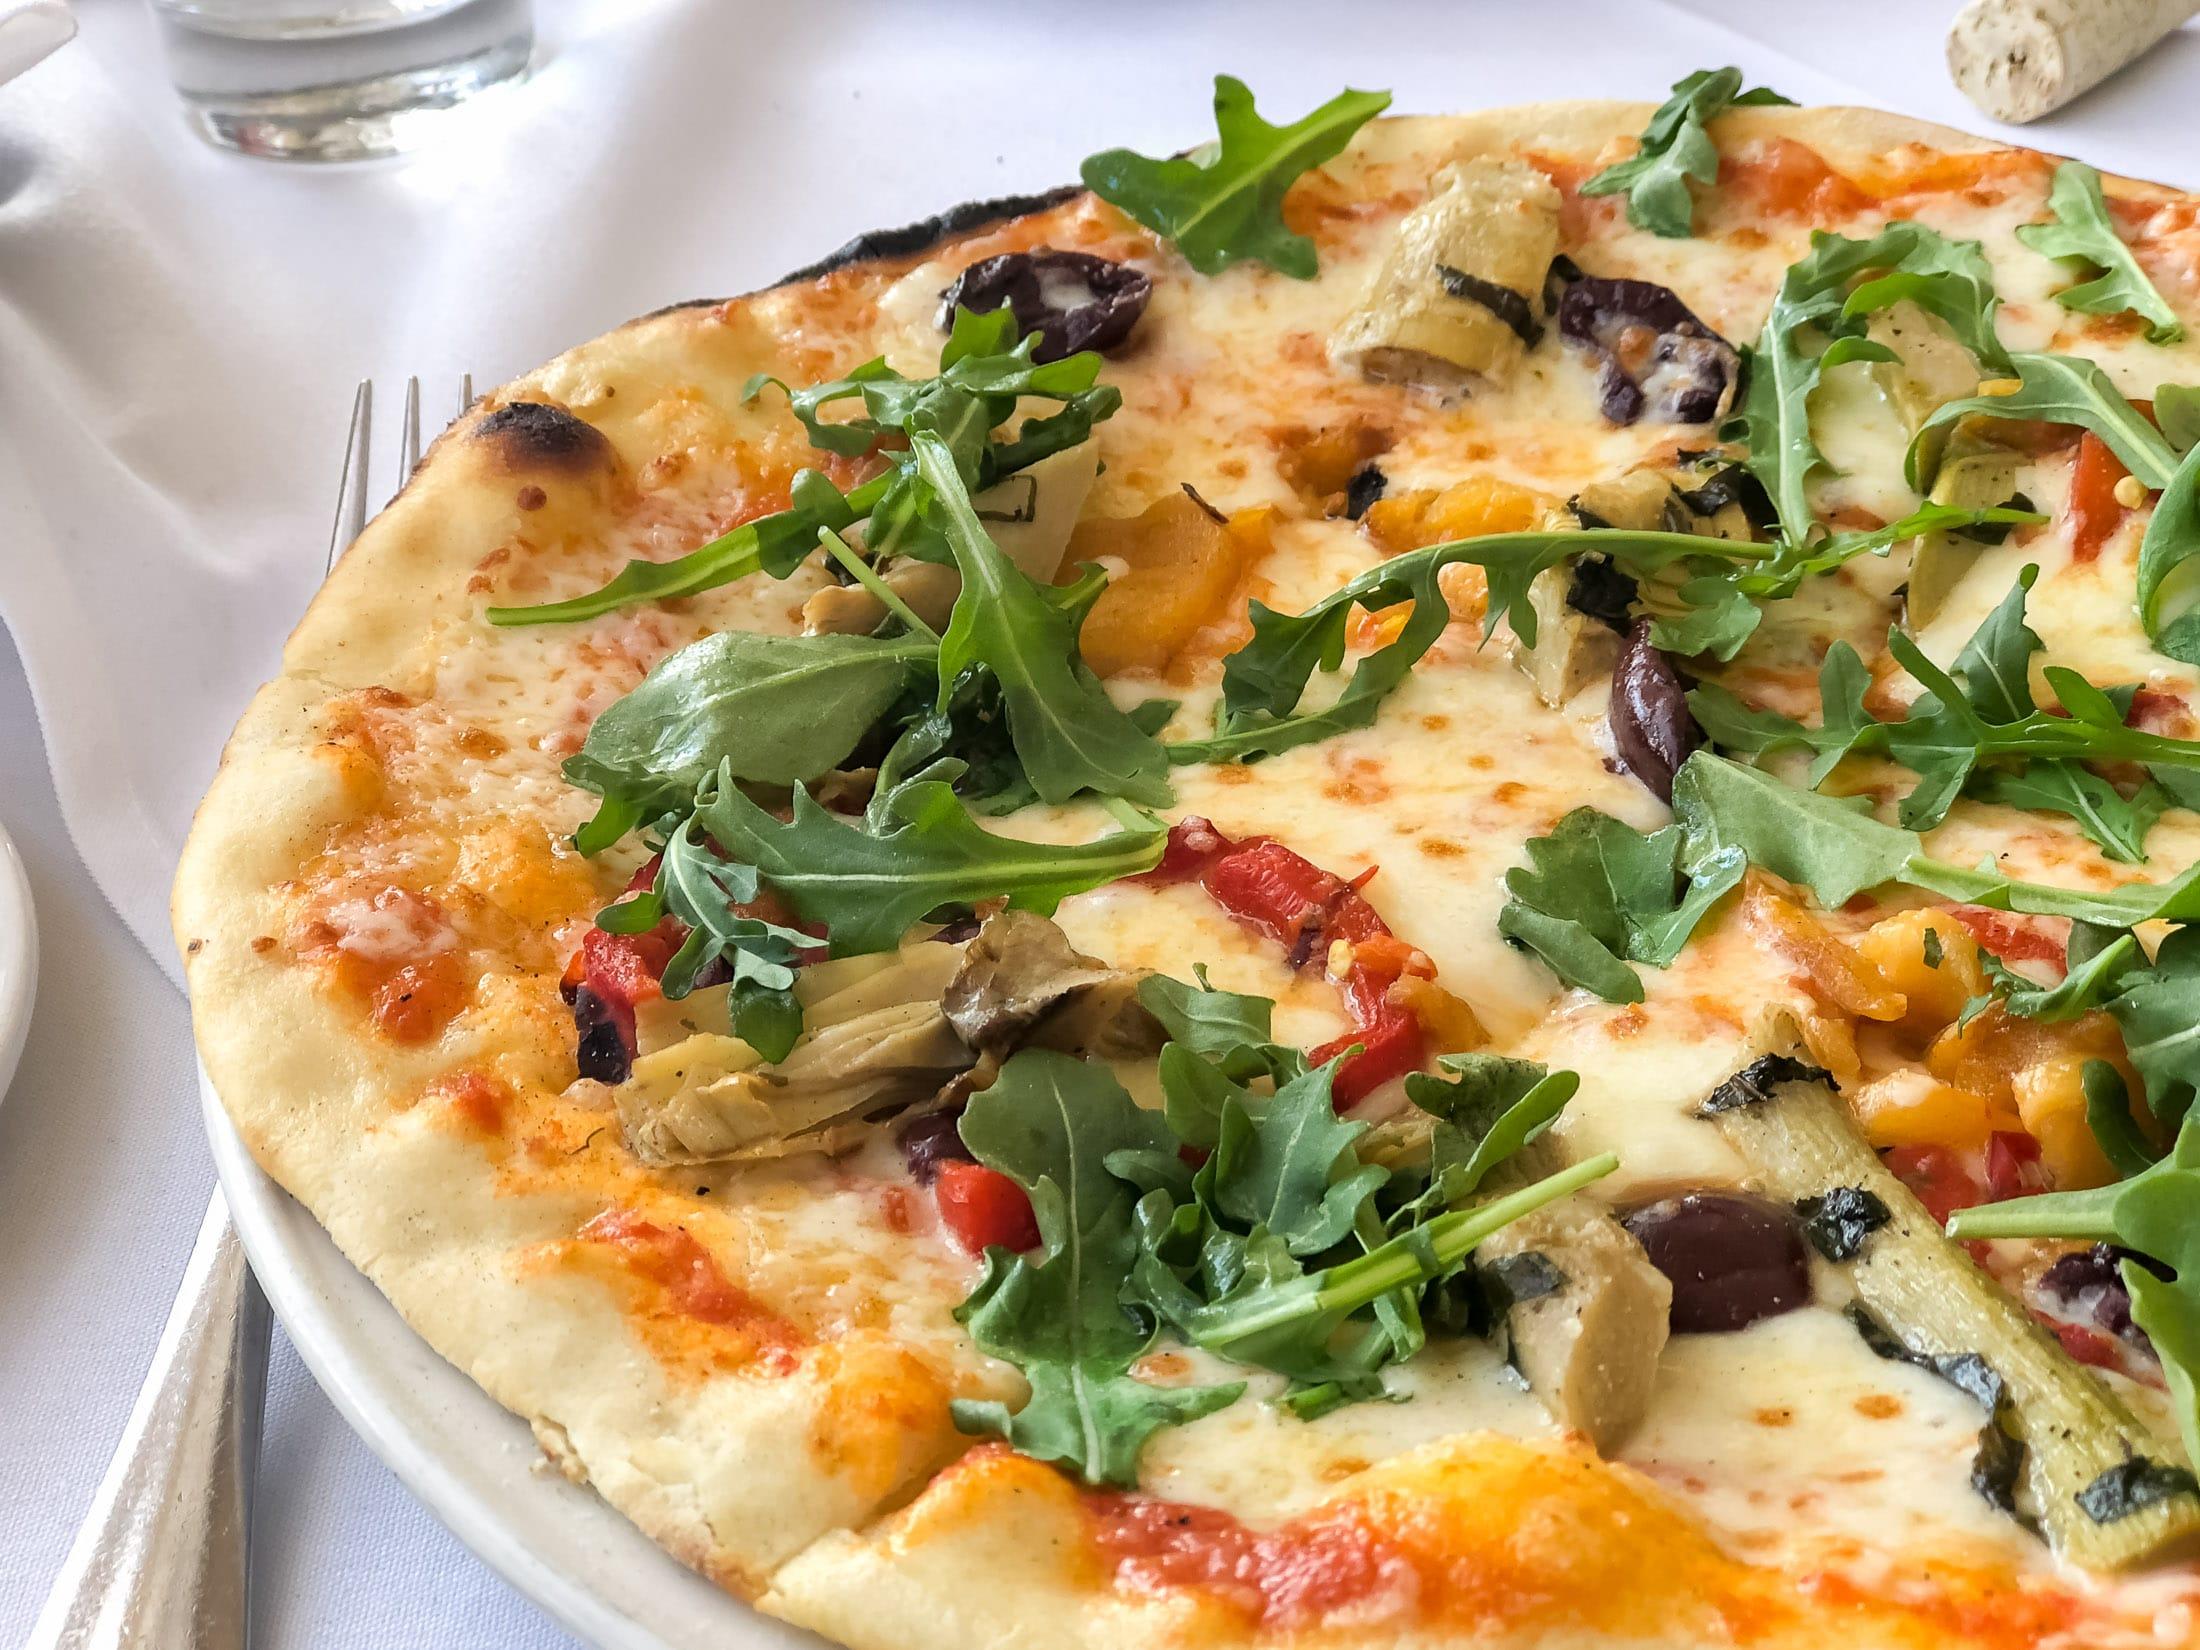 Piatti S Restaurant La Jolla California